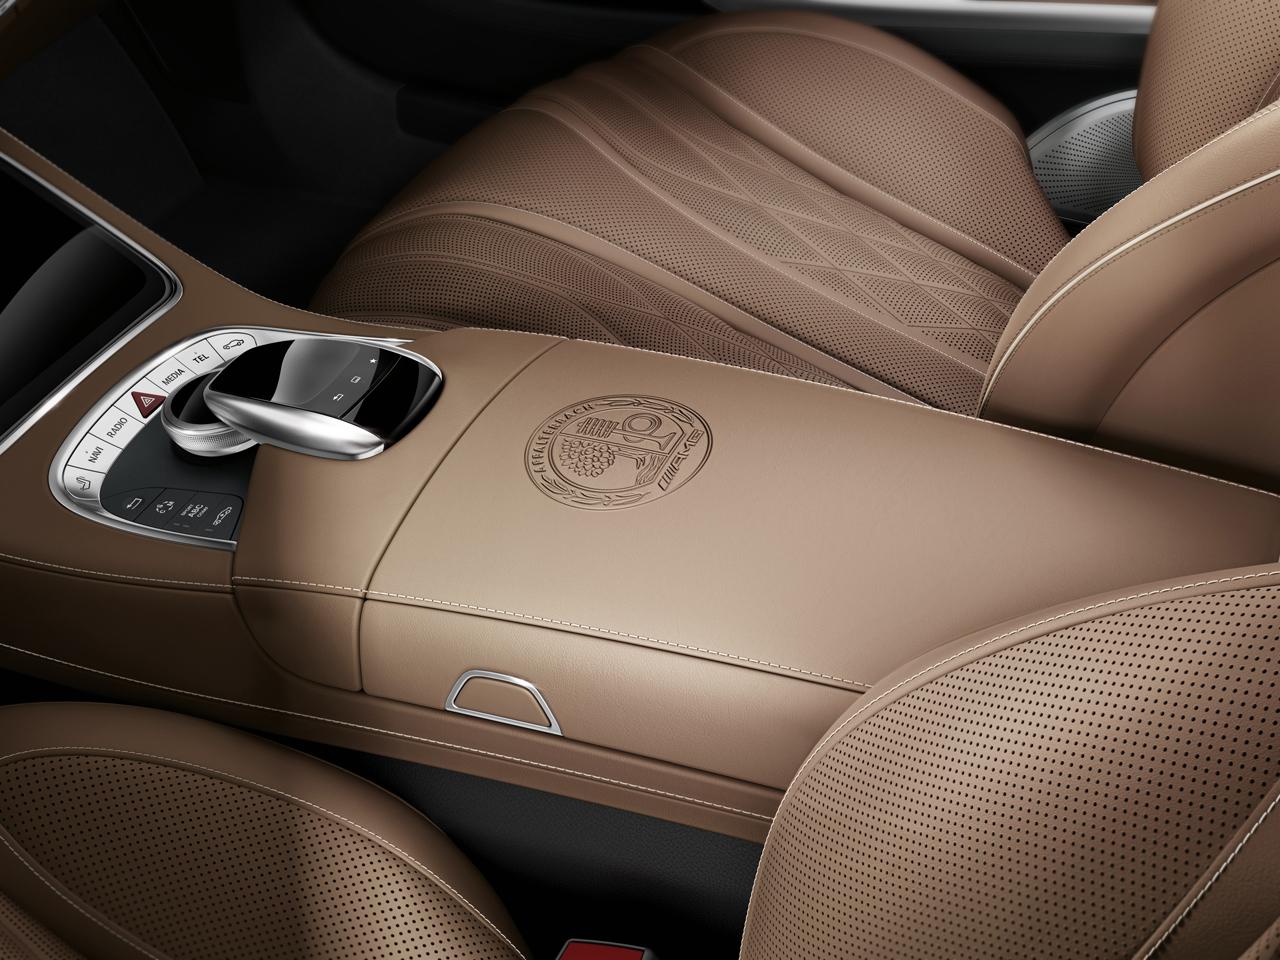 Mercedes benz s 65 amg coupe br 217 2014 for Leder auto interieur